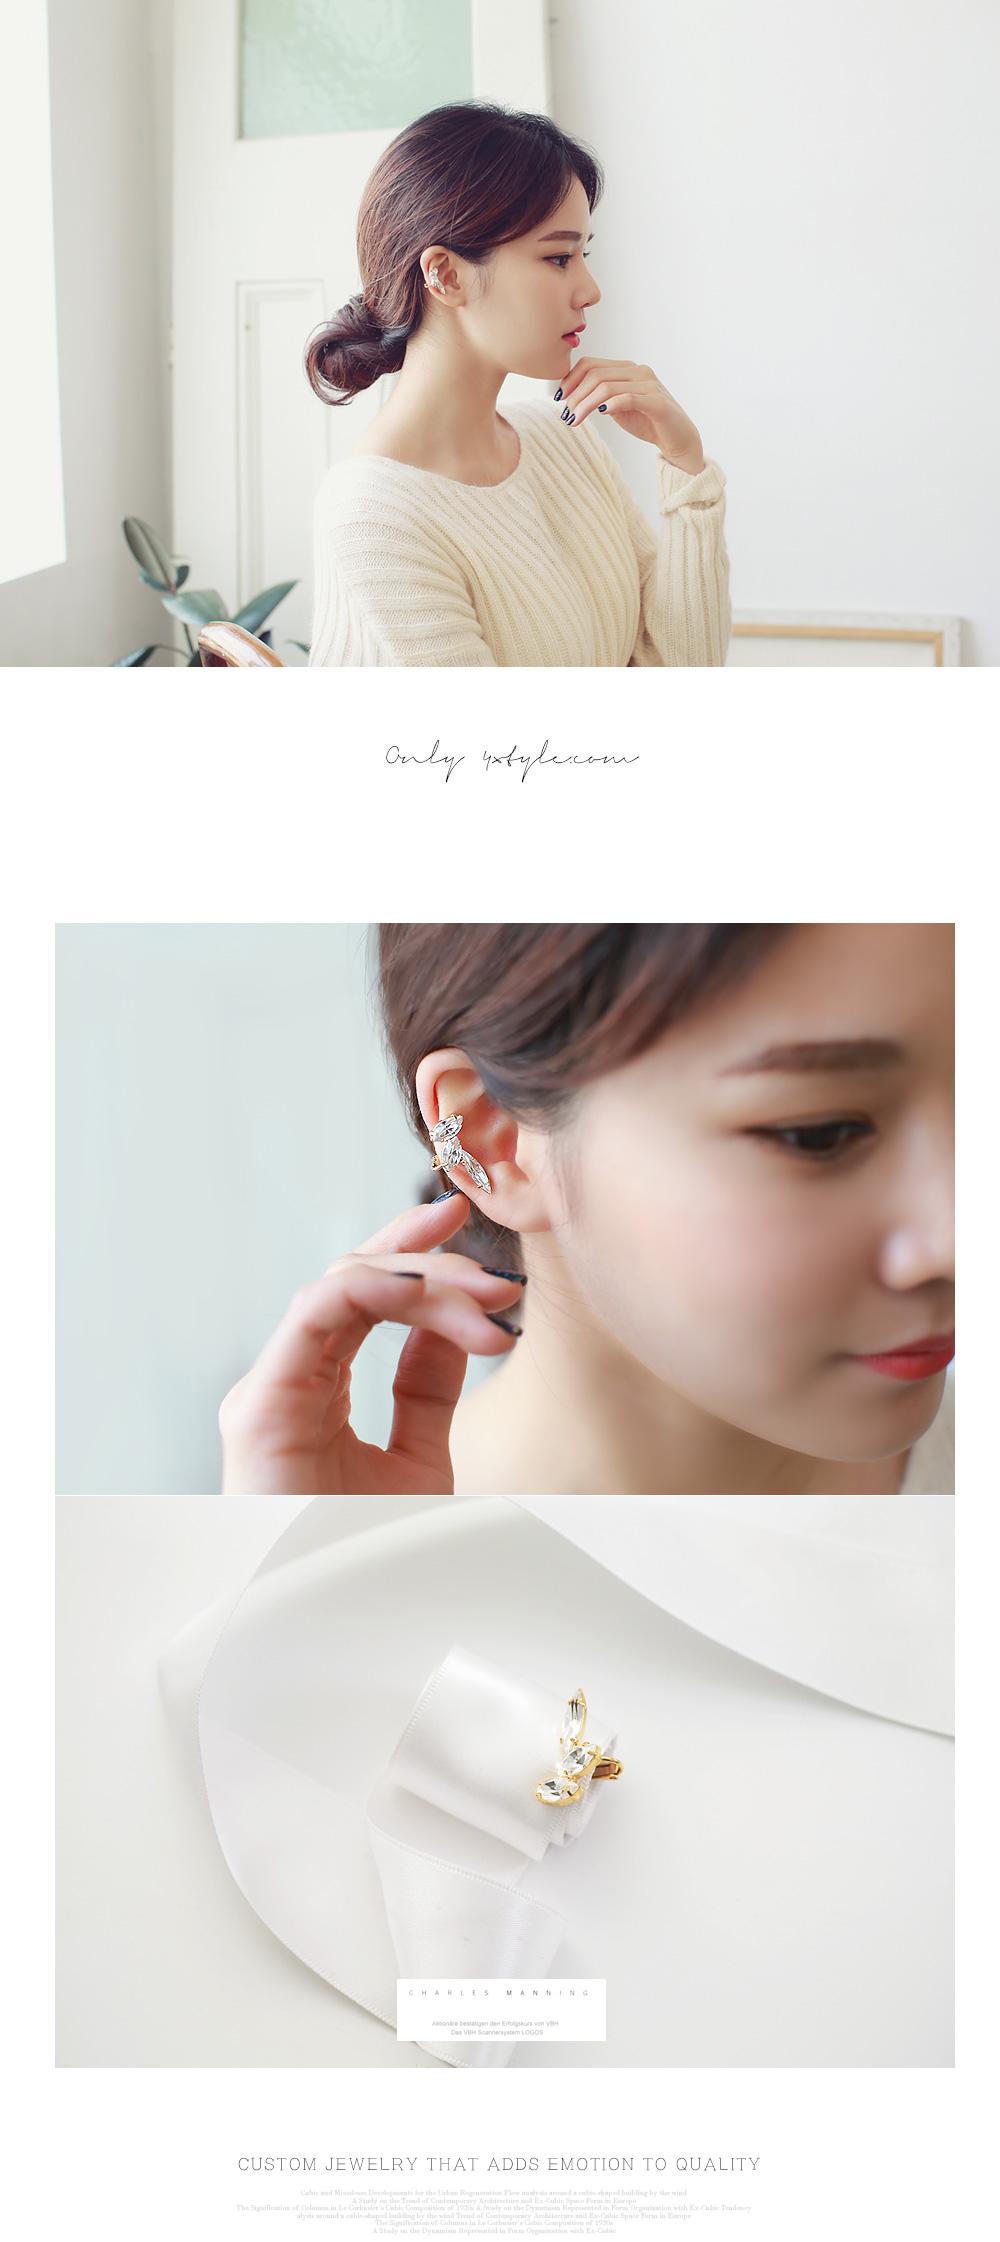 [ 4xtyle ] 三叶耳边的袖带,2种颜色